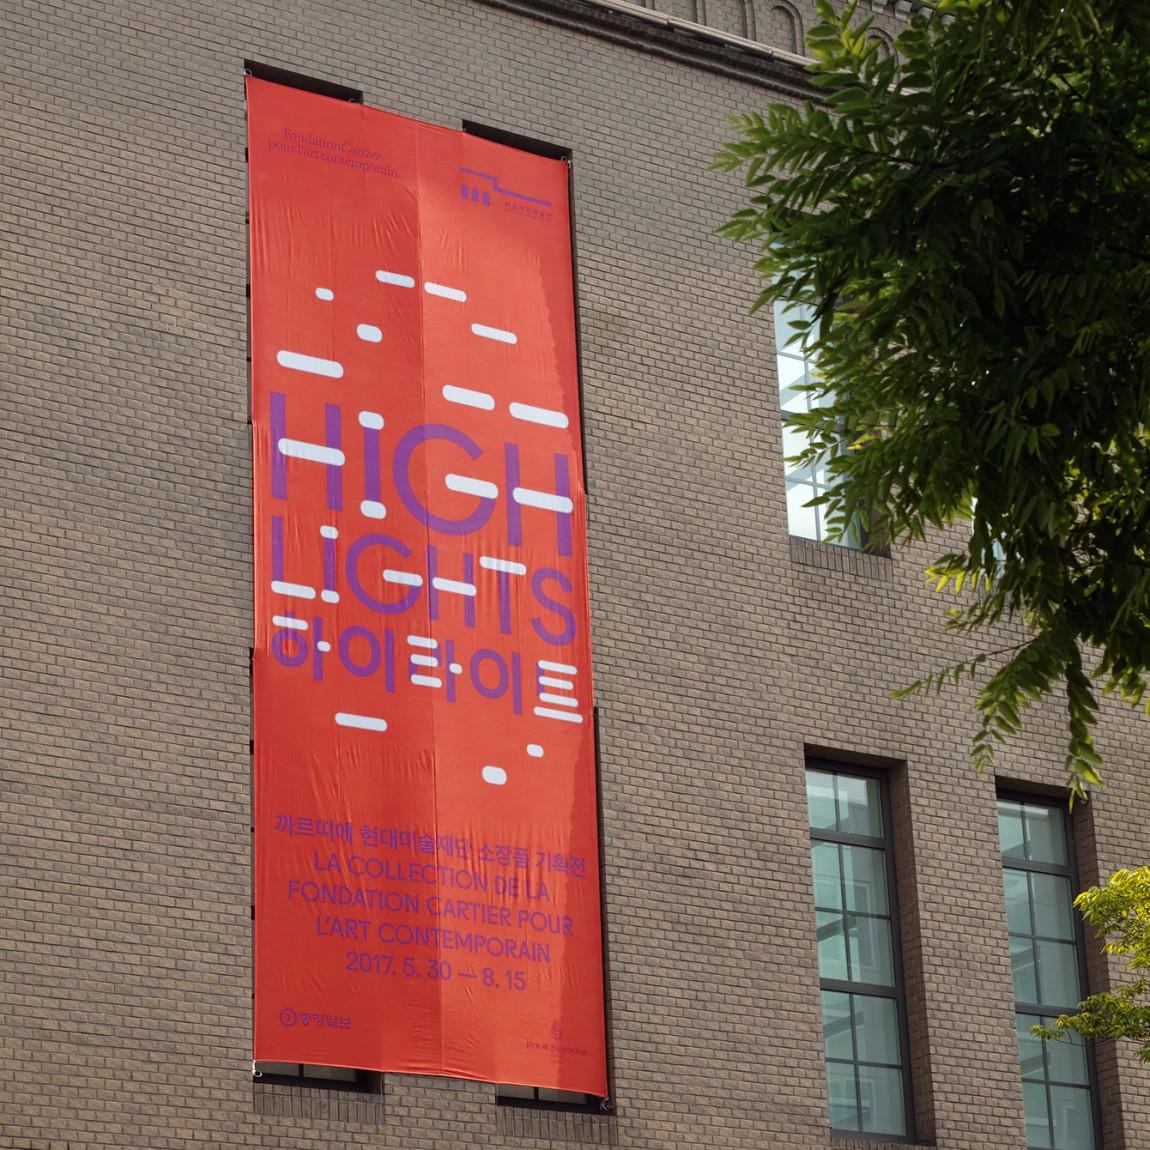 法国当代艺术博物馆作品展(Highlights)品牌创意整体形象设计,广告设计